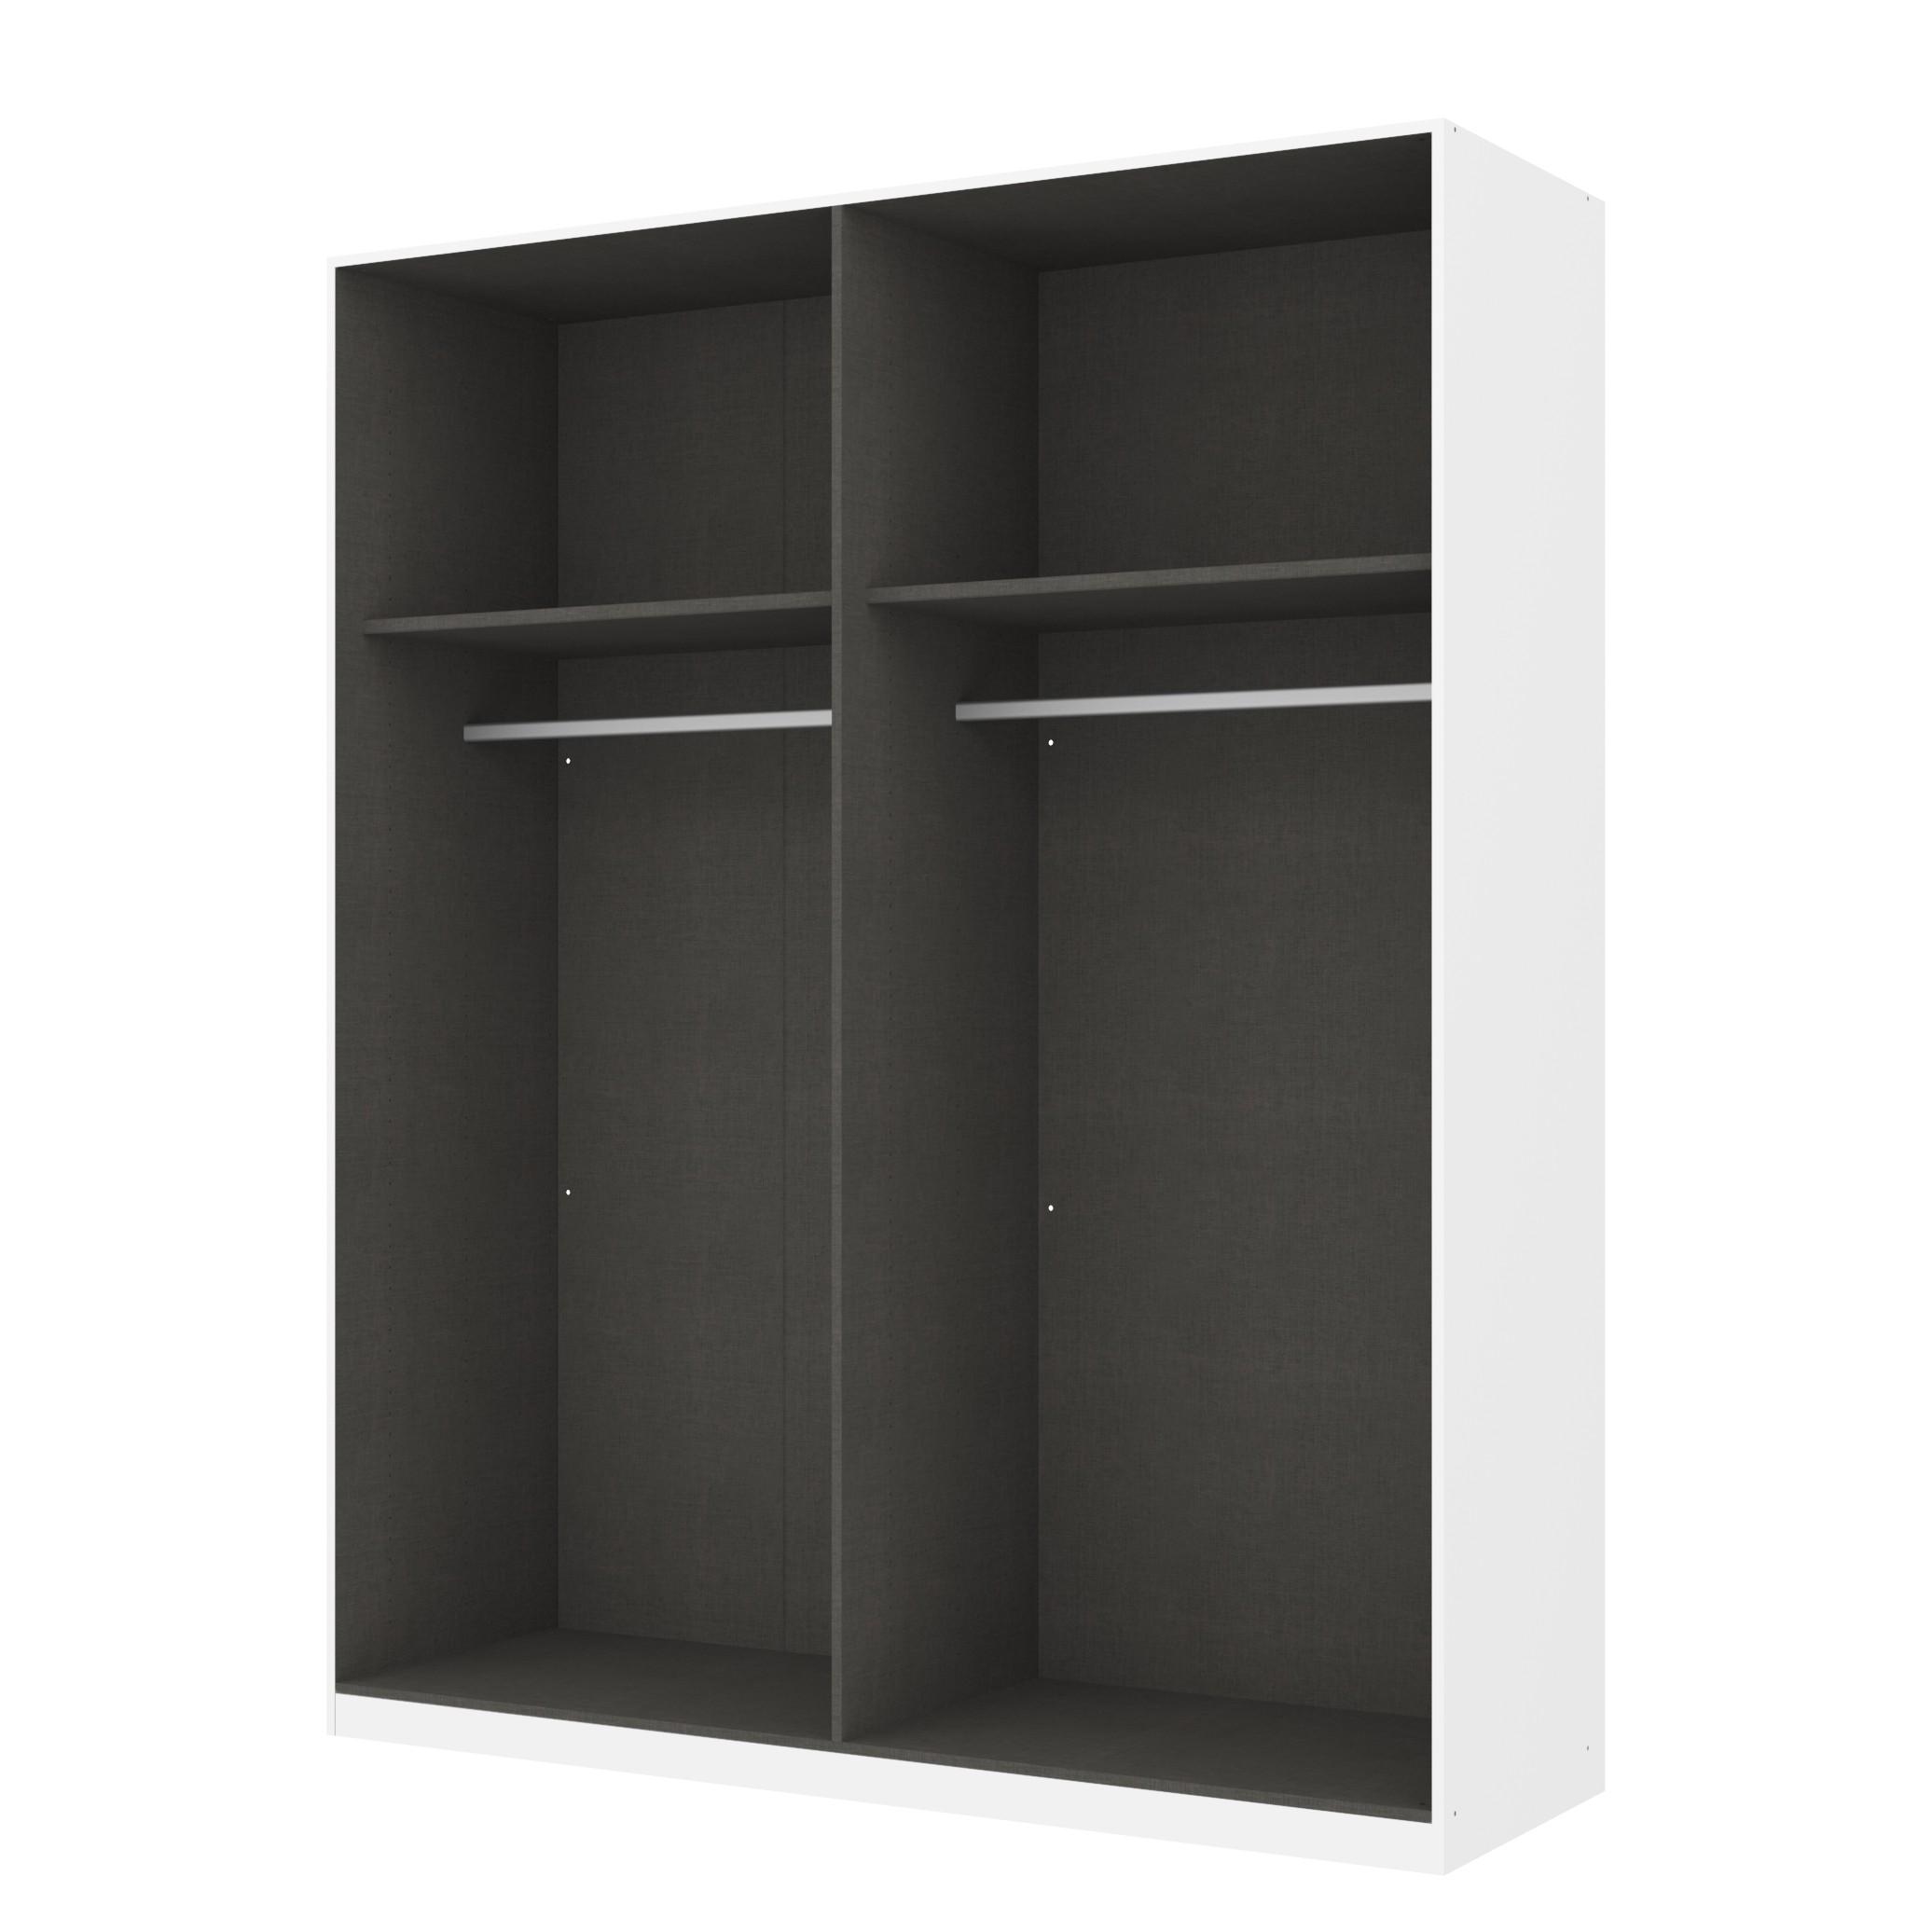 Kleiderschrank SKØP – Alpinweiß/ Offen – 181 cm (4-türig) – 222 cm – Premium, SKØP online bestellen